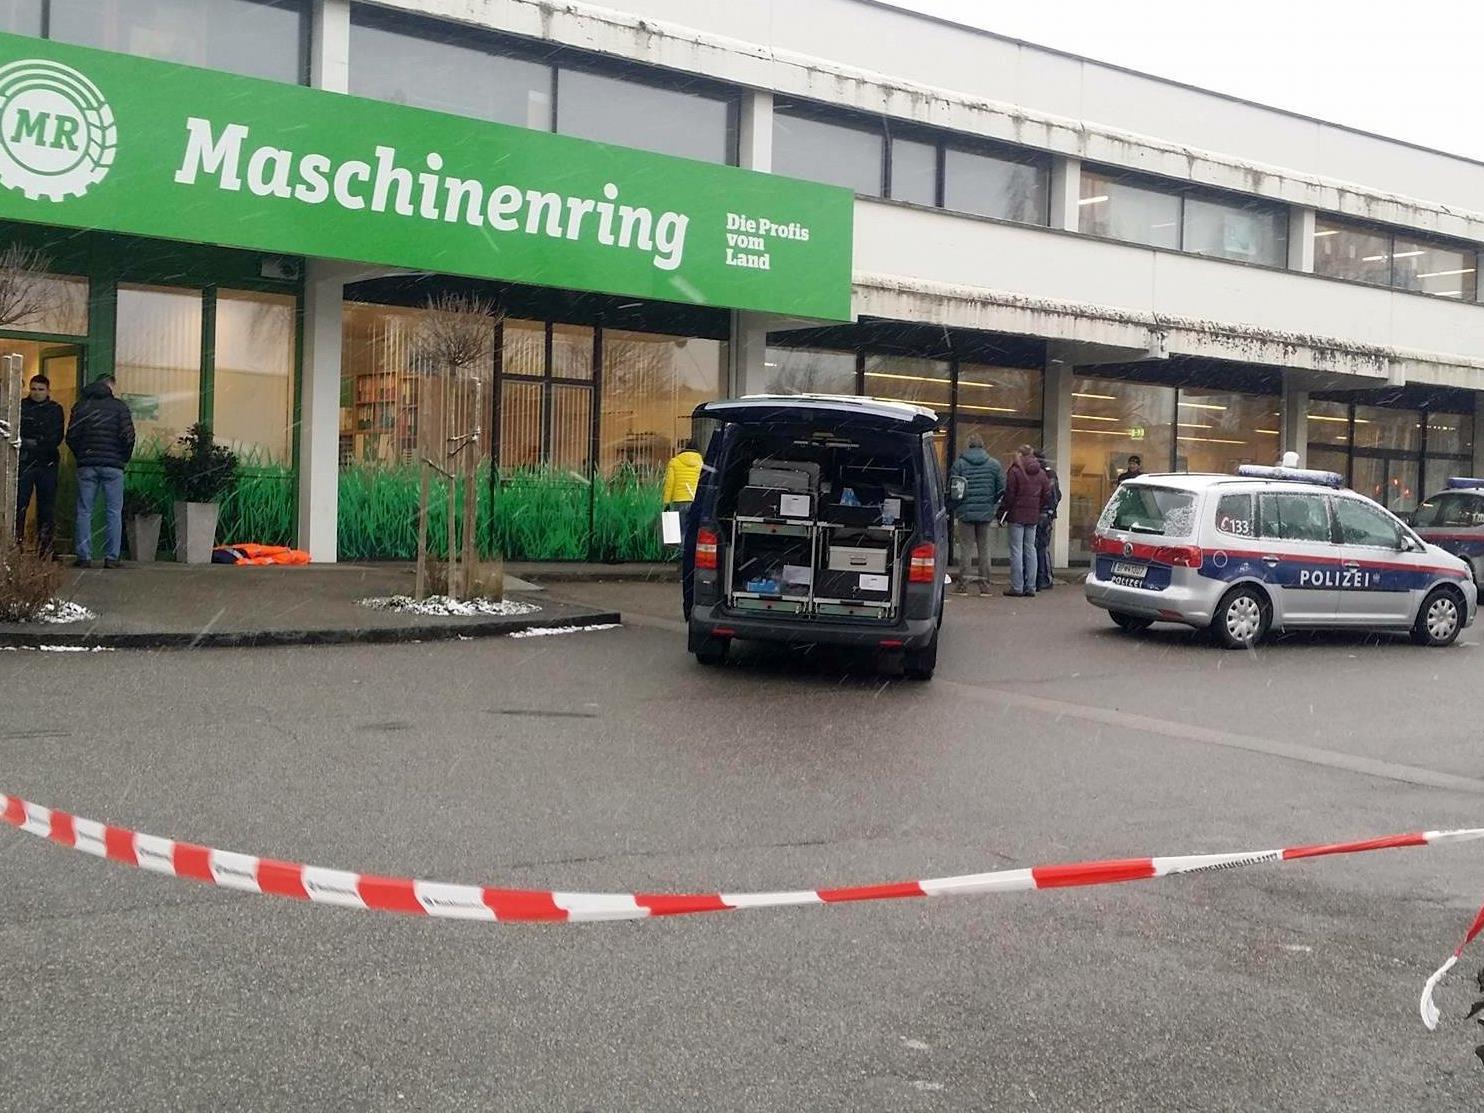 Auf einem Gehsteig nahe eines Einkaufszentrums in Steyr fand ein Passant eine reglose Person. Wie sich herausstellte, war der Mann bereits tot.